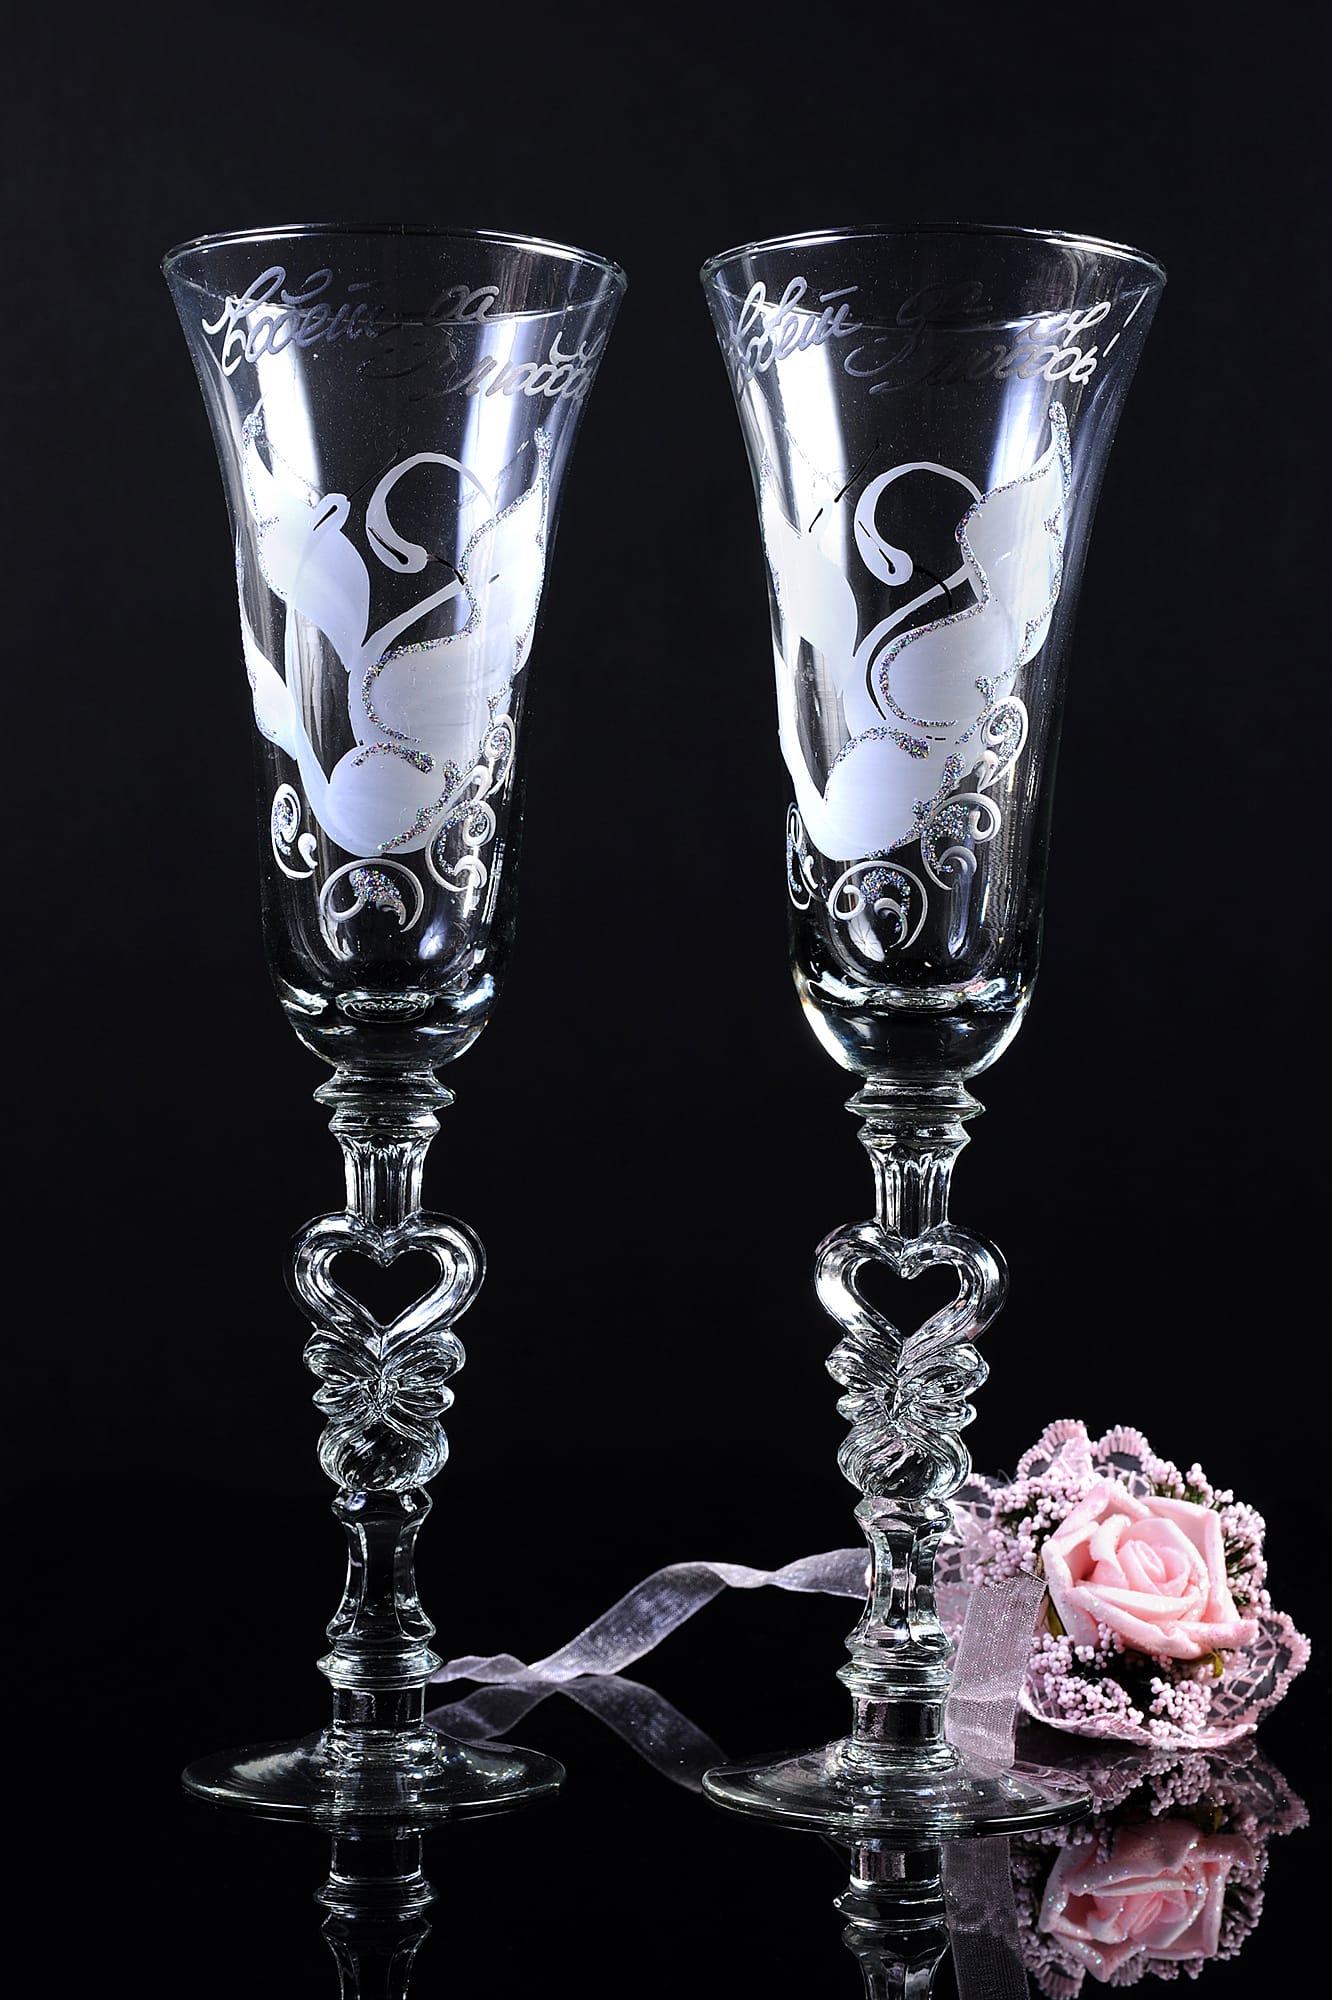 Прозрачные свадебные бокалы с надписью «Совет да любовь» и изображением птиц.